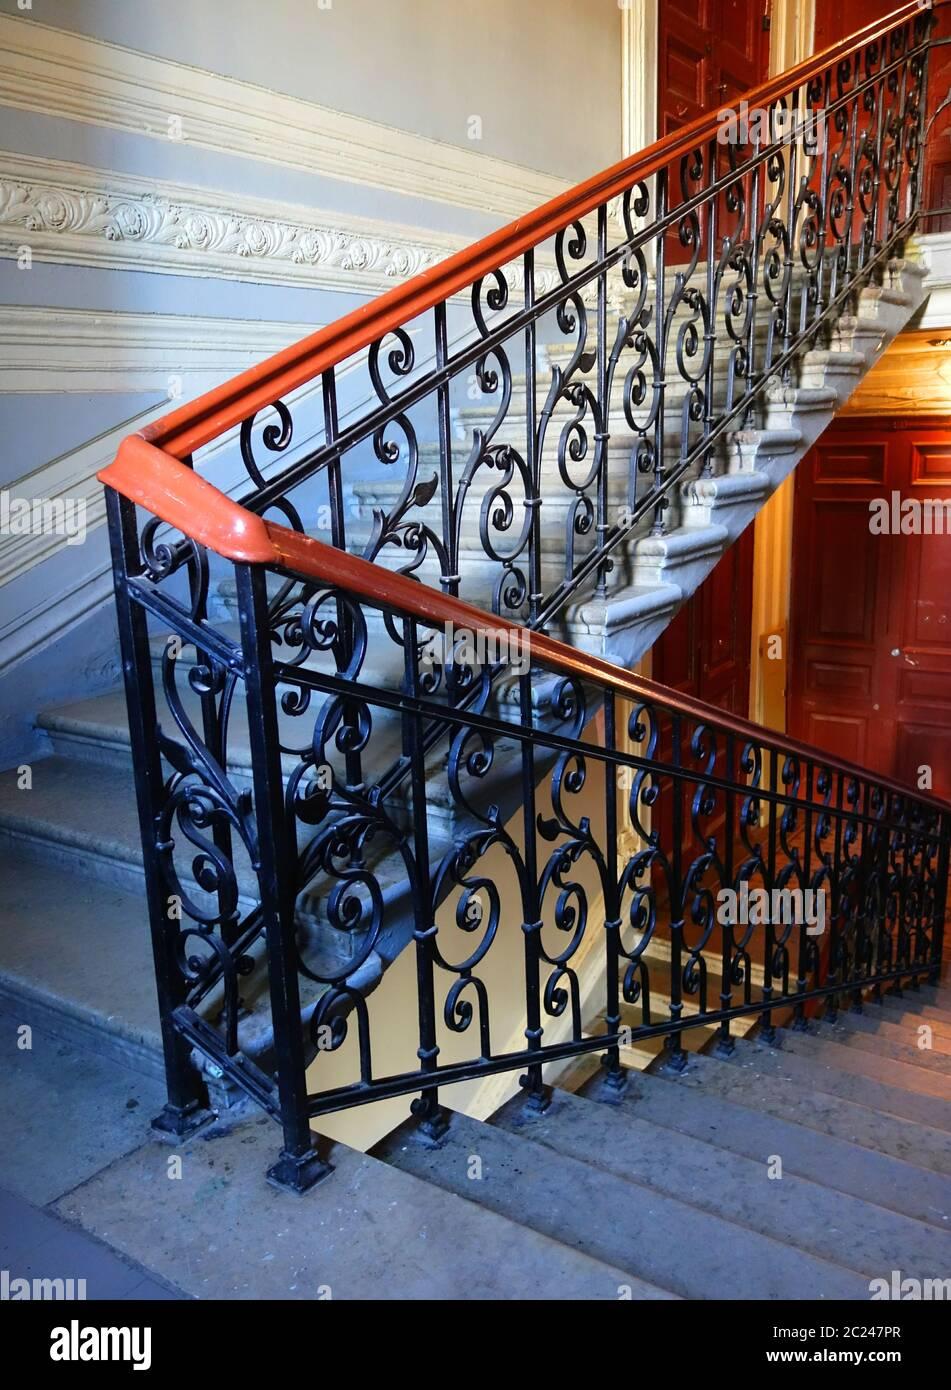 Décoration fragmente sur l'escalier principal du bâtiment dans le style Art Nouveau sur la 7ème rue Krasnoarmeiskaya Banque D'Images